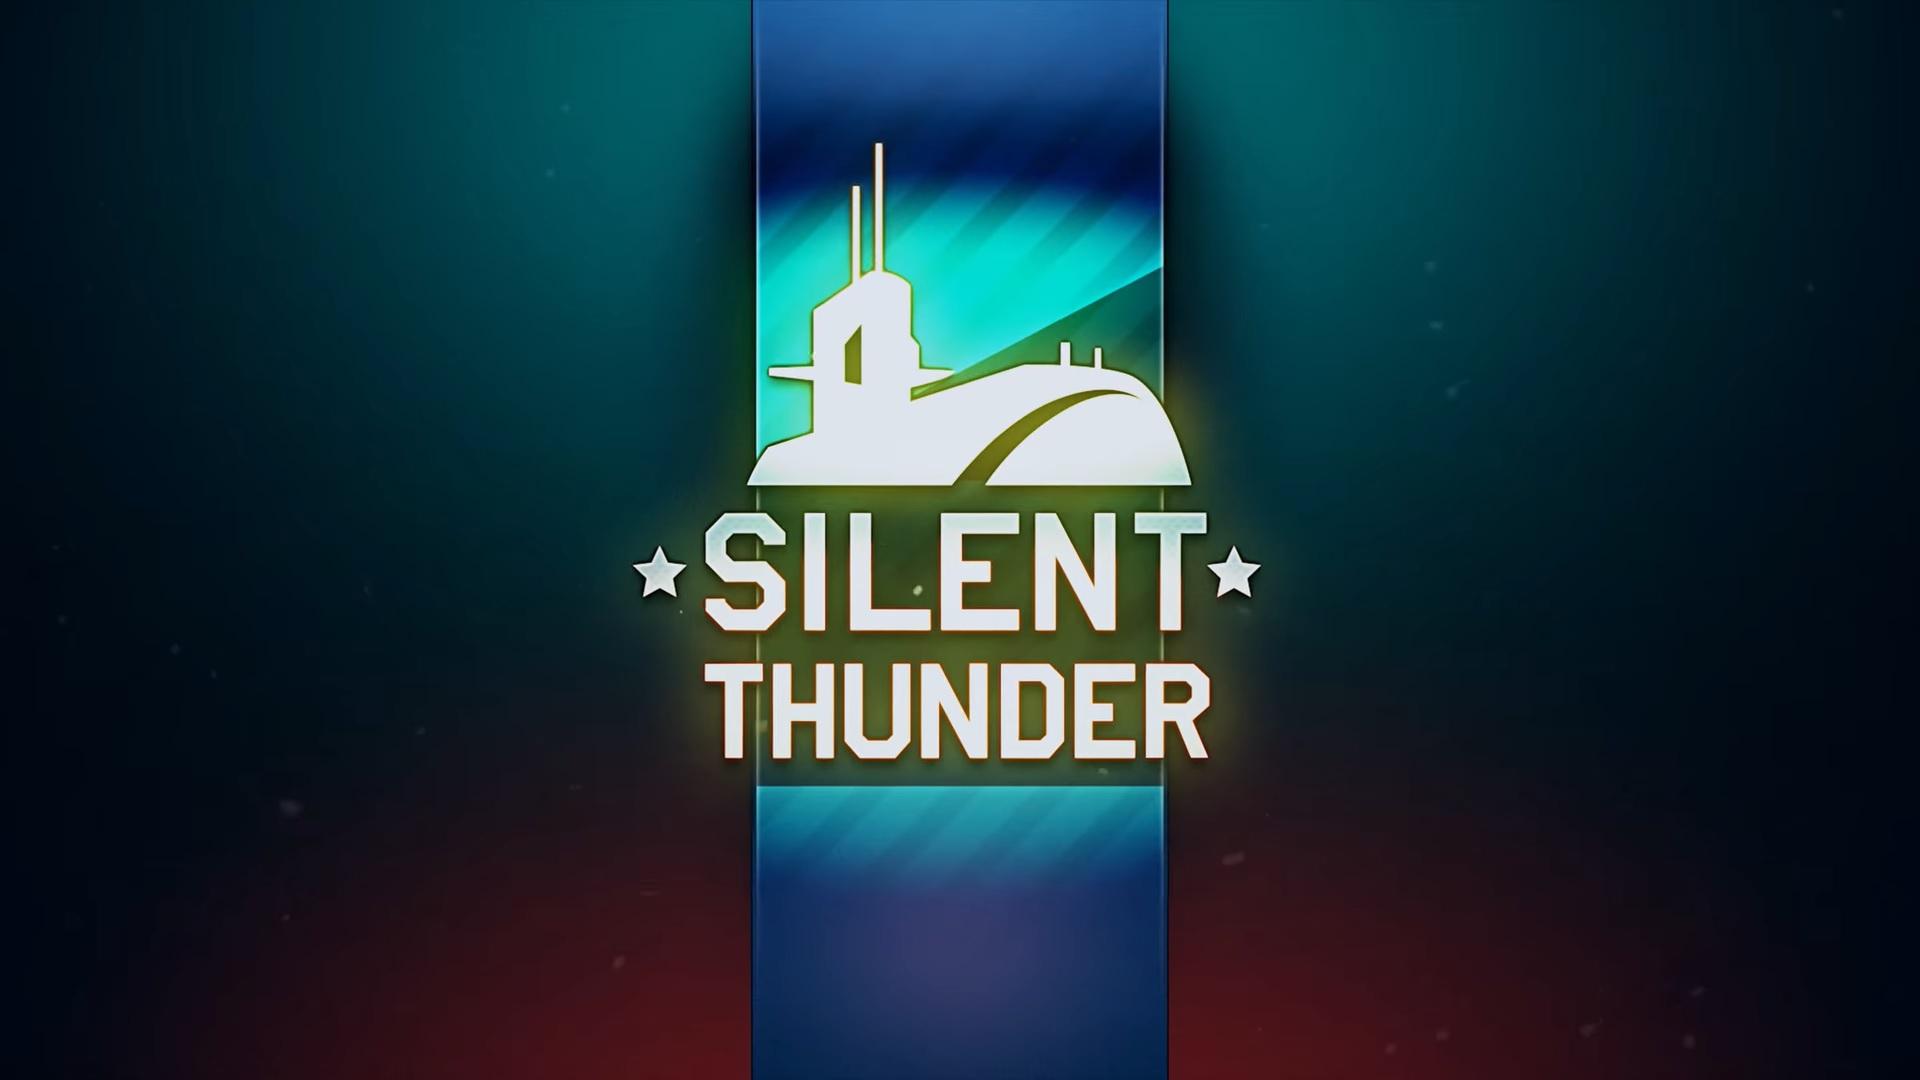 Silent thunder war thunder game